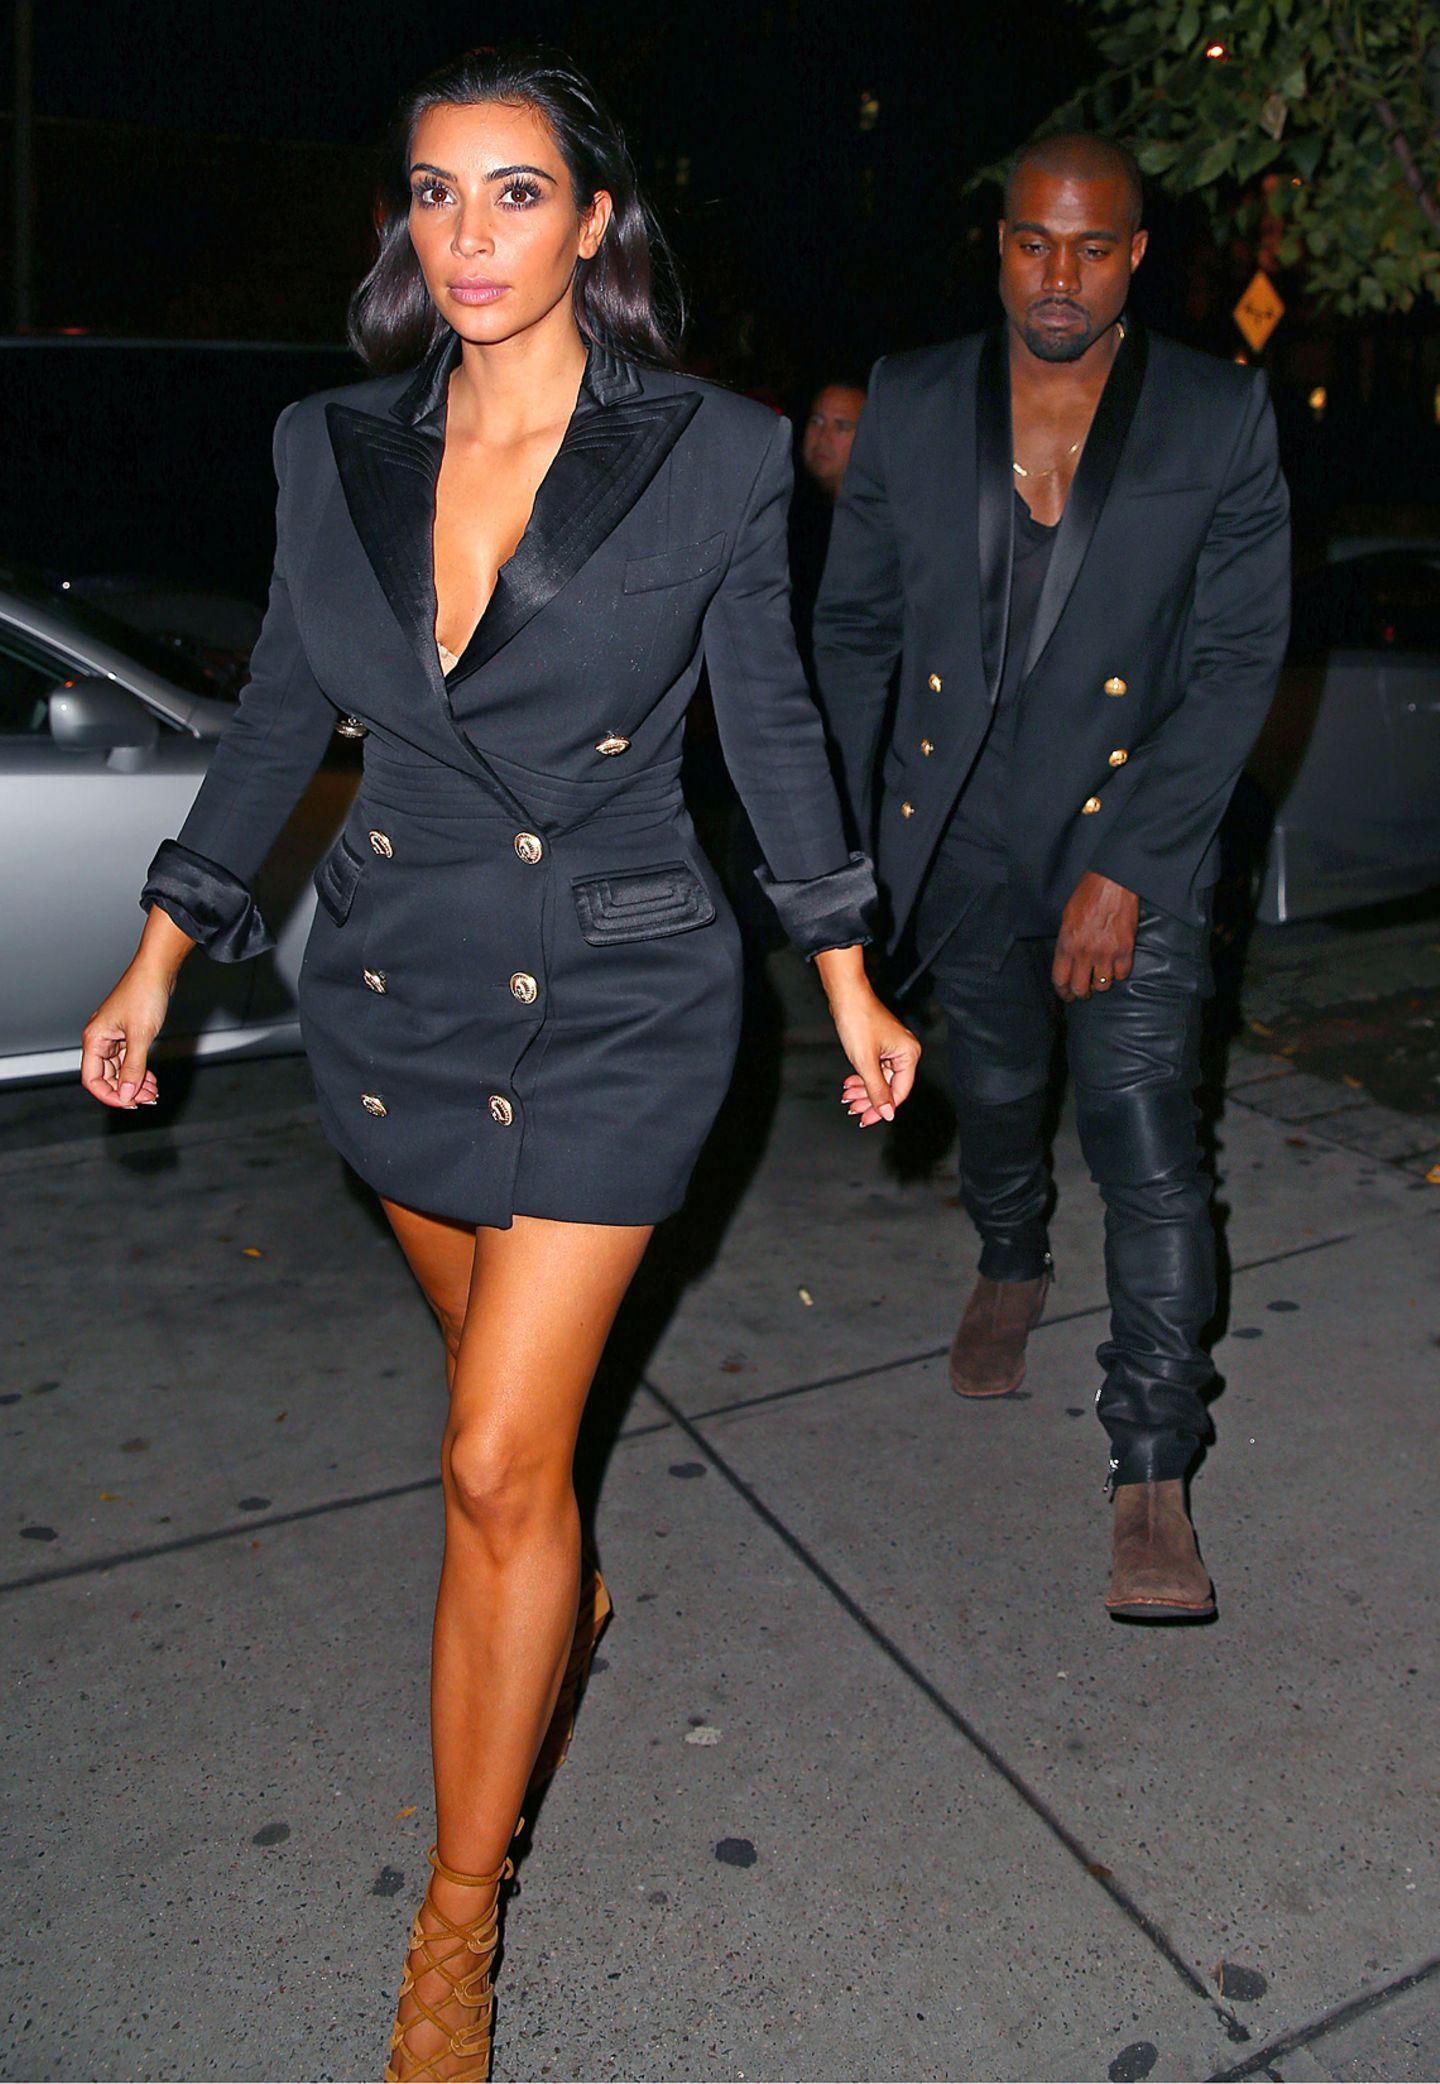 Modisch liegen Kim Kardashian und Eheman Kanye West voll auf einer Wellenlänge. Kim trägt ein Blazer-Kleid mit goldenen Knöpfen aus der Resort-Kollektion 2015 von Balmain, Kanye die passende Smoking-Jacke.